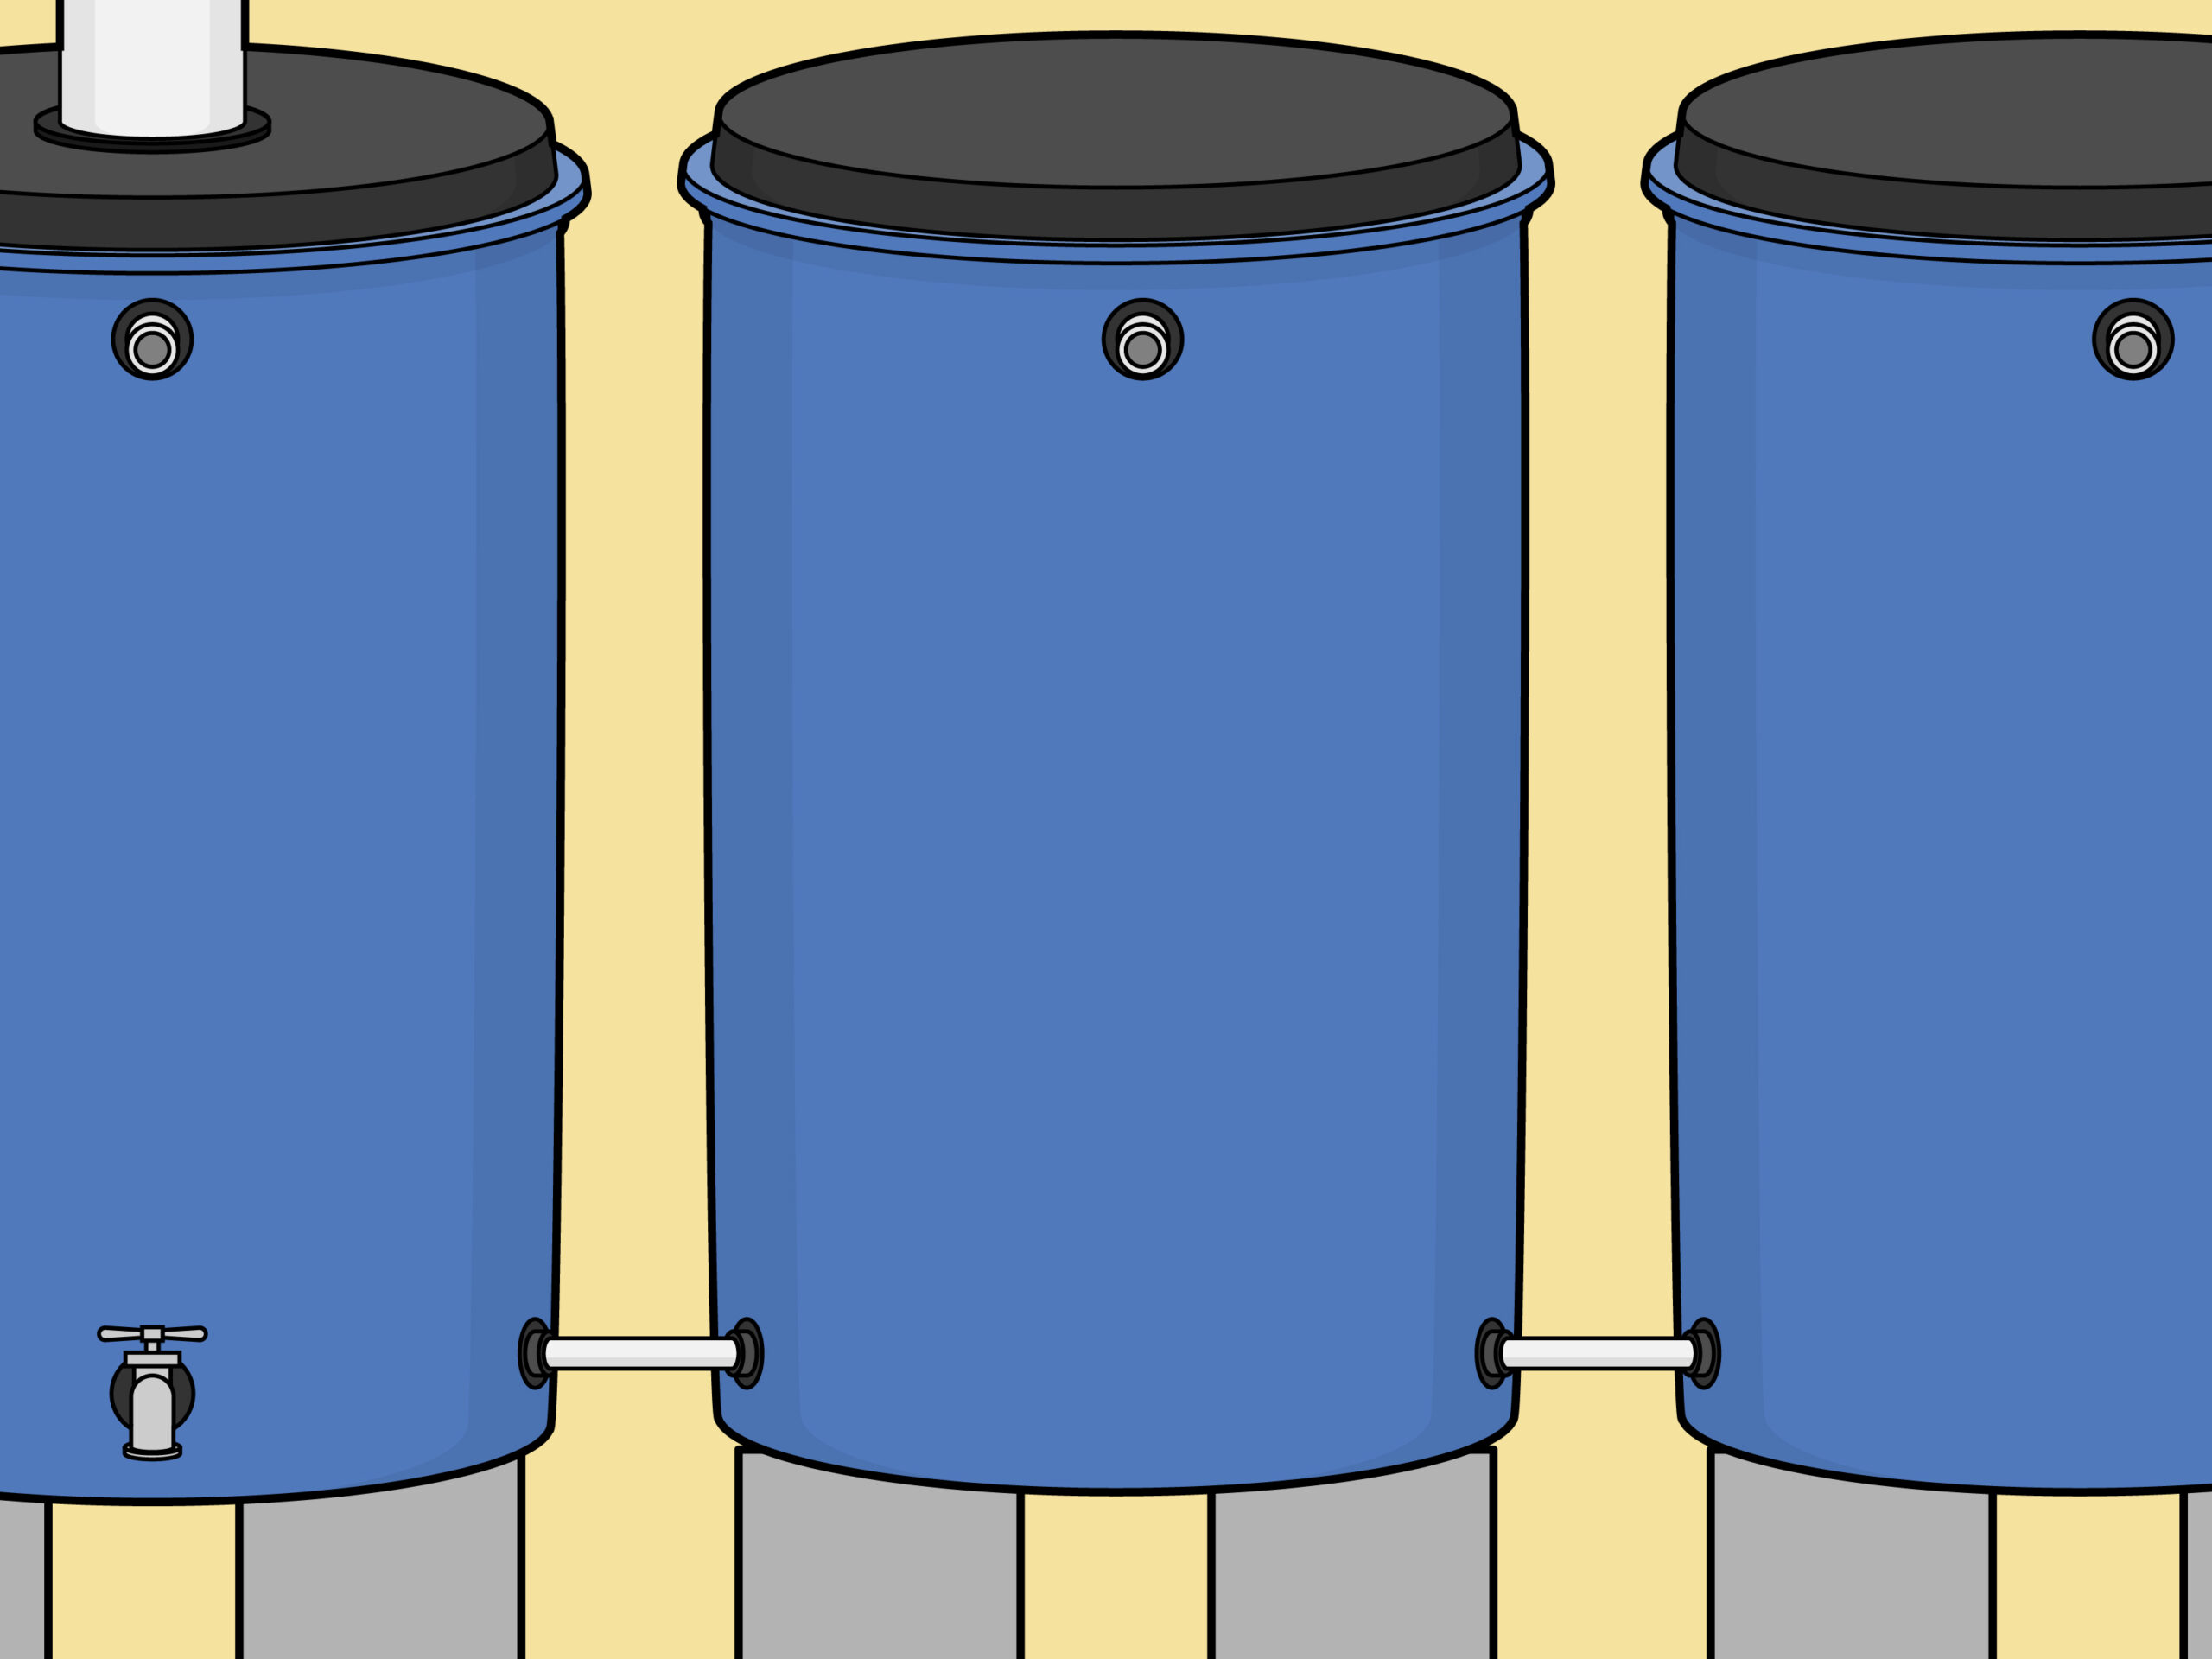 Full Size of Wassertank Garten Flach Unterirdisch Flacher Sitzgruppe Gerätehaus Feuerstellen Im Kugelleuchten Spielhaus Sauna Lärmschutz Lounge Sessel Schwimmingpool Für Wohnzimmer Wassertank Garten Flach